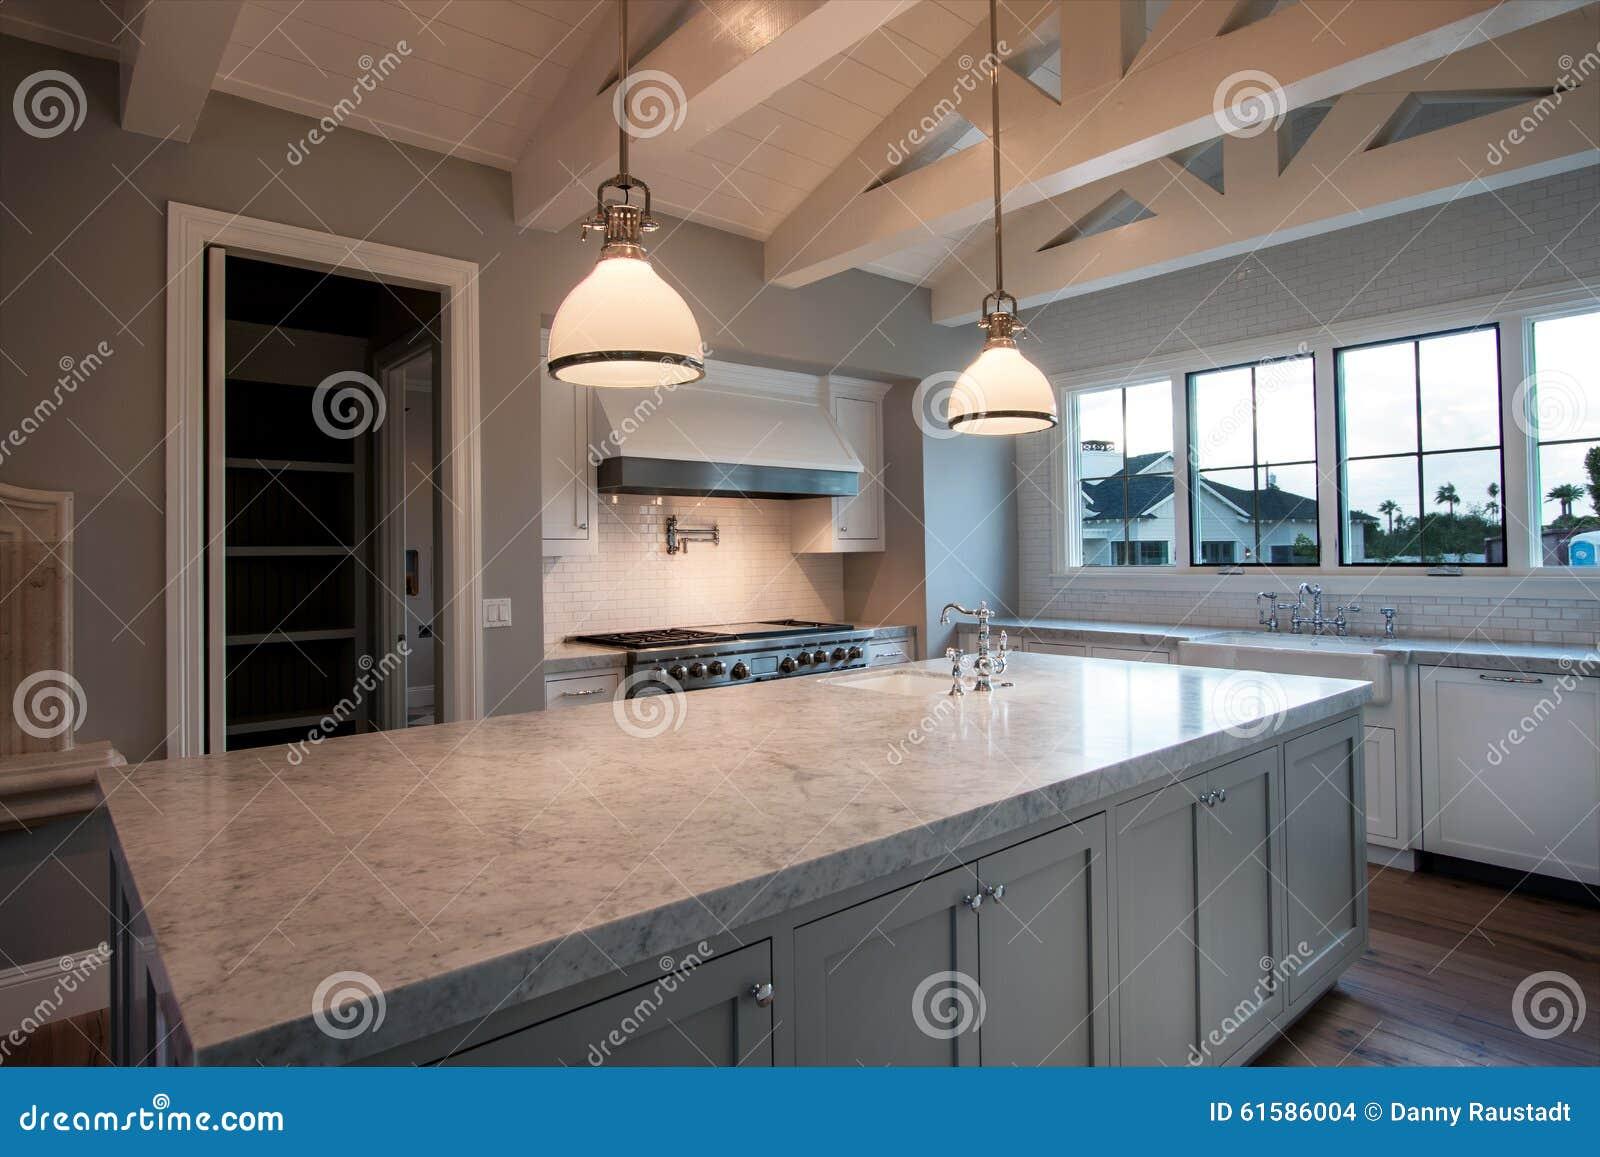 Nouvelle Grande Cuisine A La Maison Moderne Photo Stock Image Du